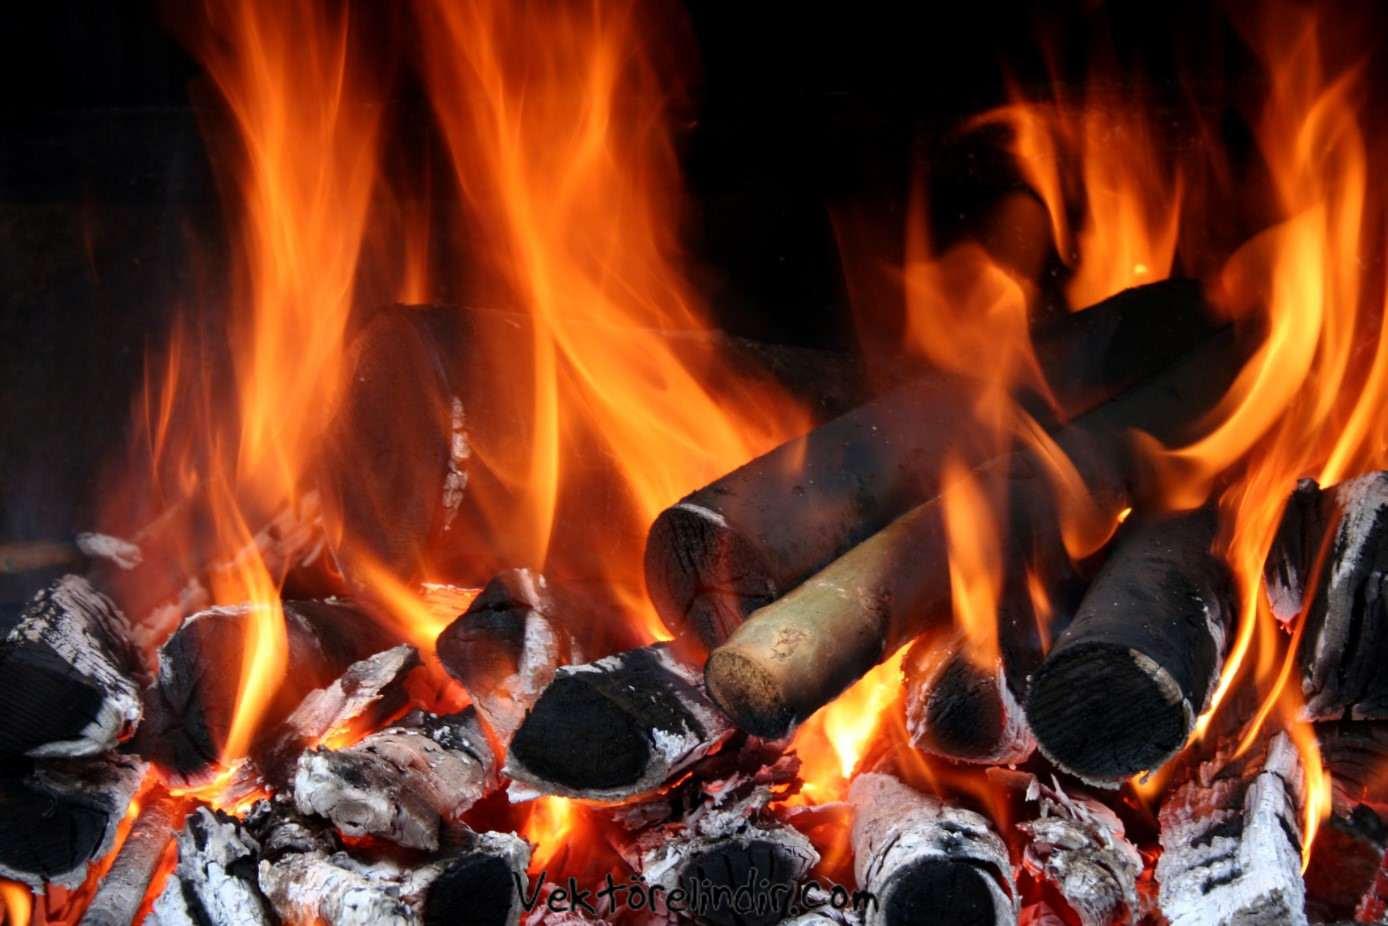 Ateş Alev Odun çizim Kaliteli Resim Vektörelindircom ücretsiz